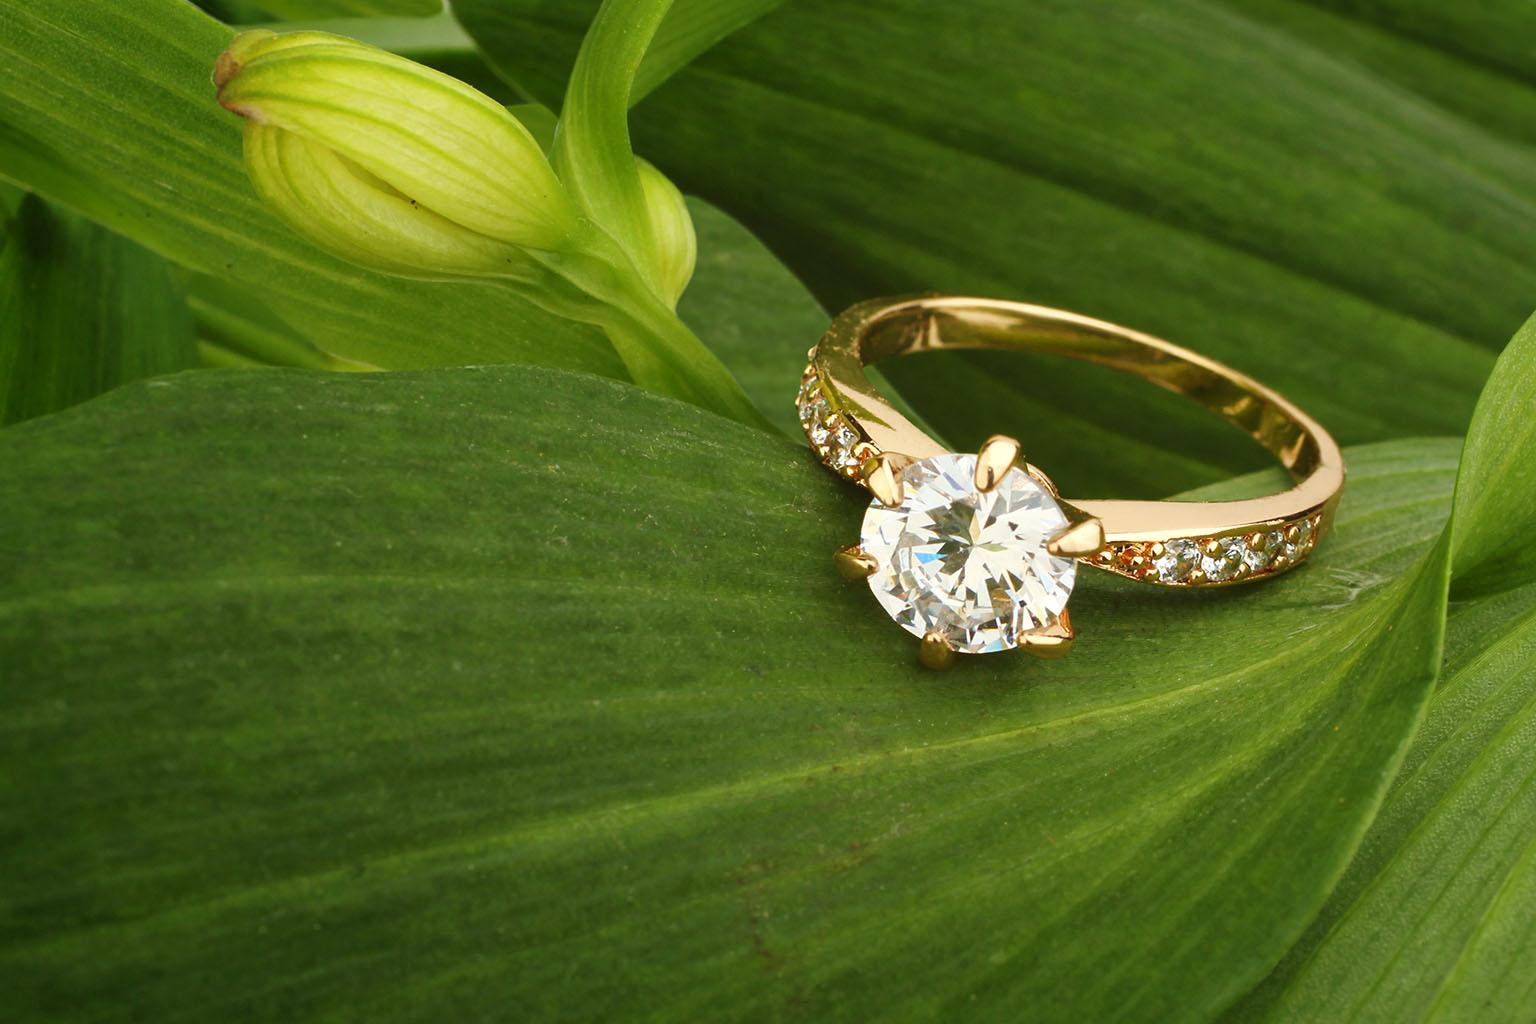 Anillo de oro presentado en una hoja verde con un diamante grande en su base e incrustaciones de diamantes pequeños a su alrededor, uno de los anillos de compromiso más codiciados.